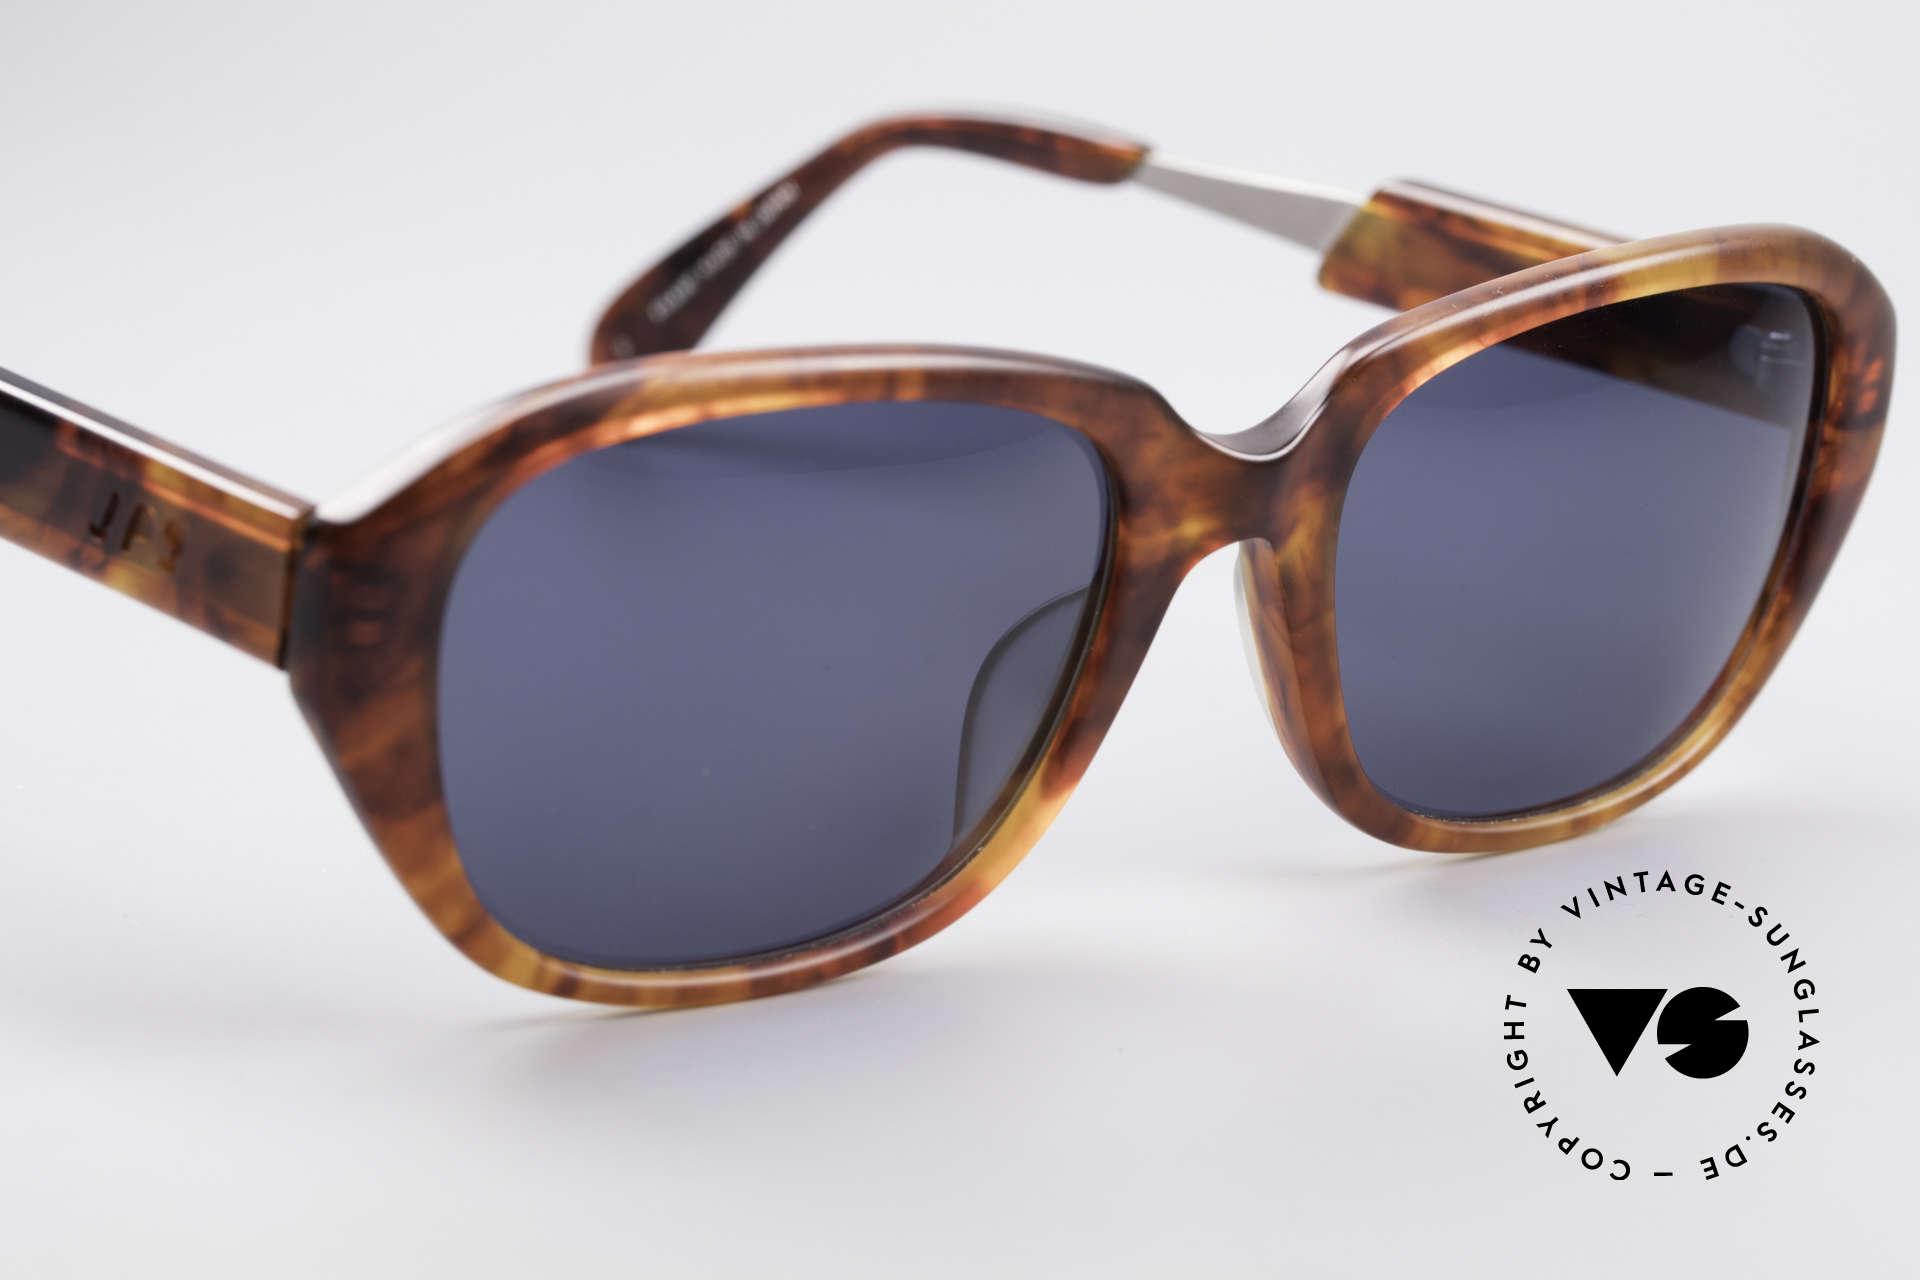 Jean Paul Gaultier 56-1072 JPG Designer Sonnenbrille, KEINE RETRO-Sonnenbrille, 100% vintage ORIGINAL, Passend für Herren und Damen